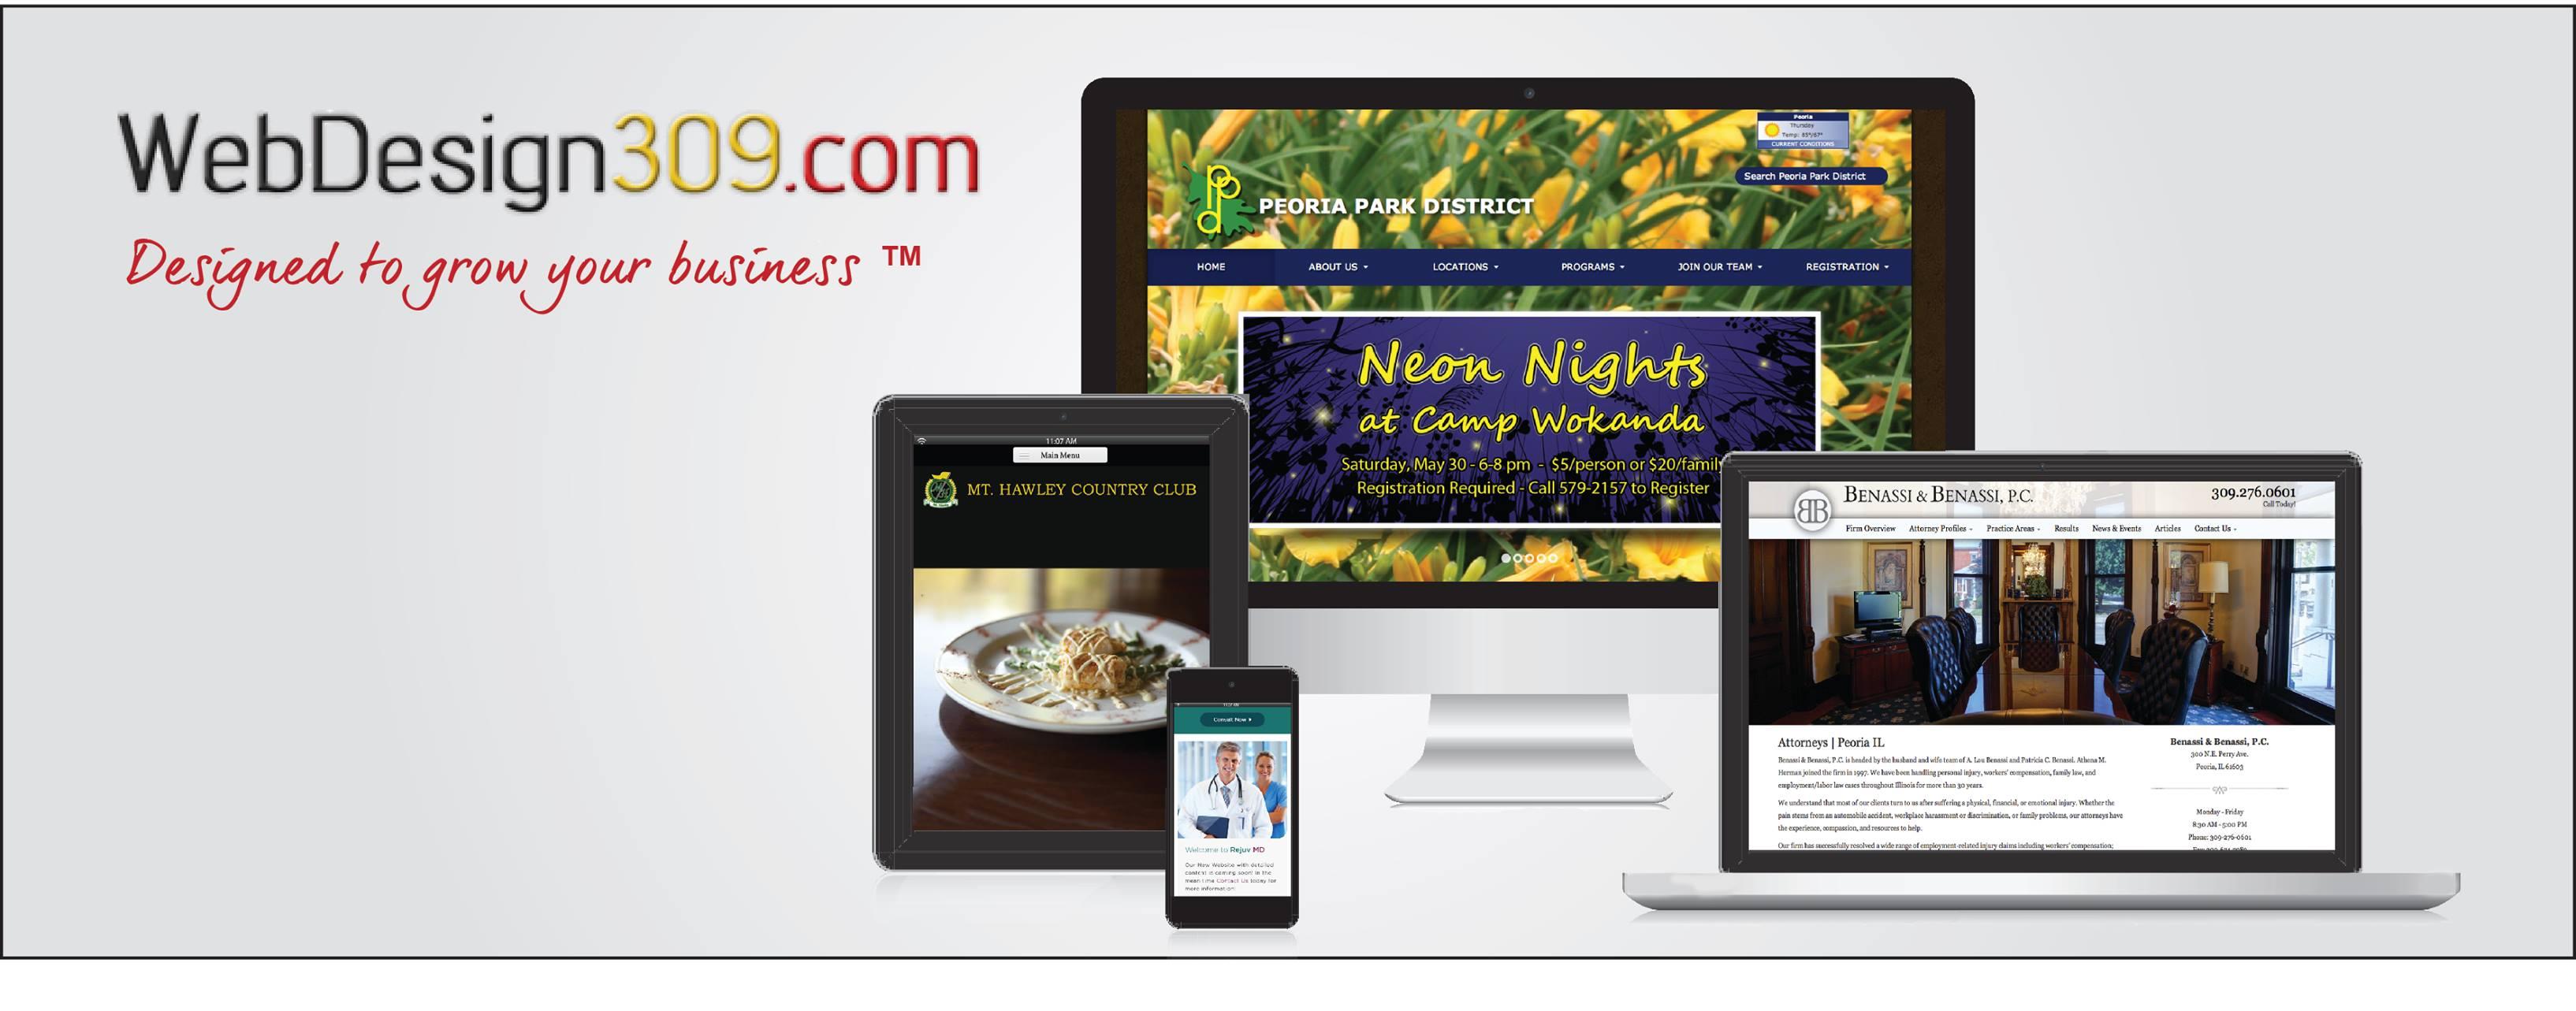 WebDesign309.com